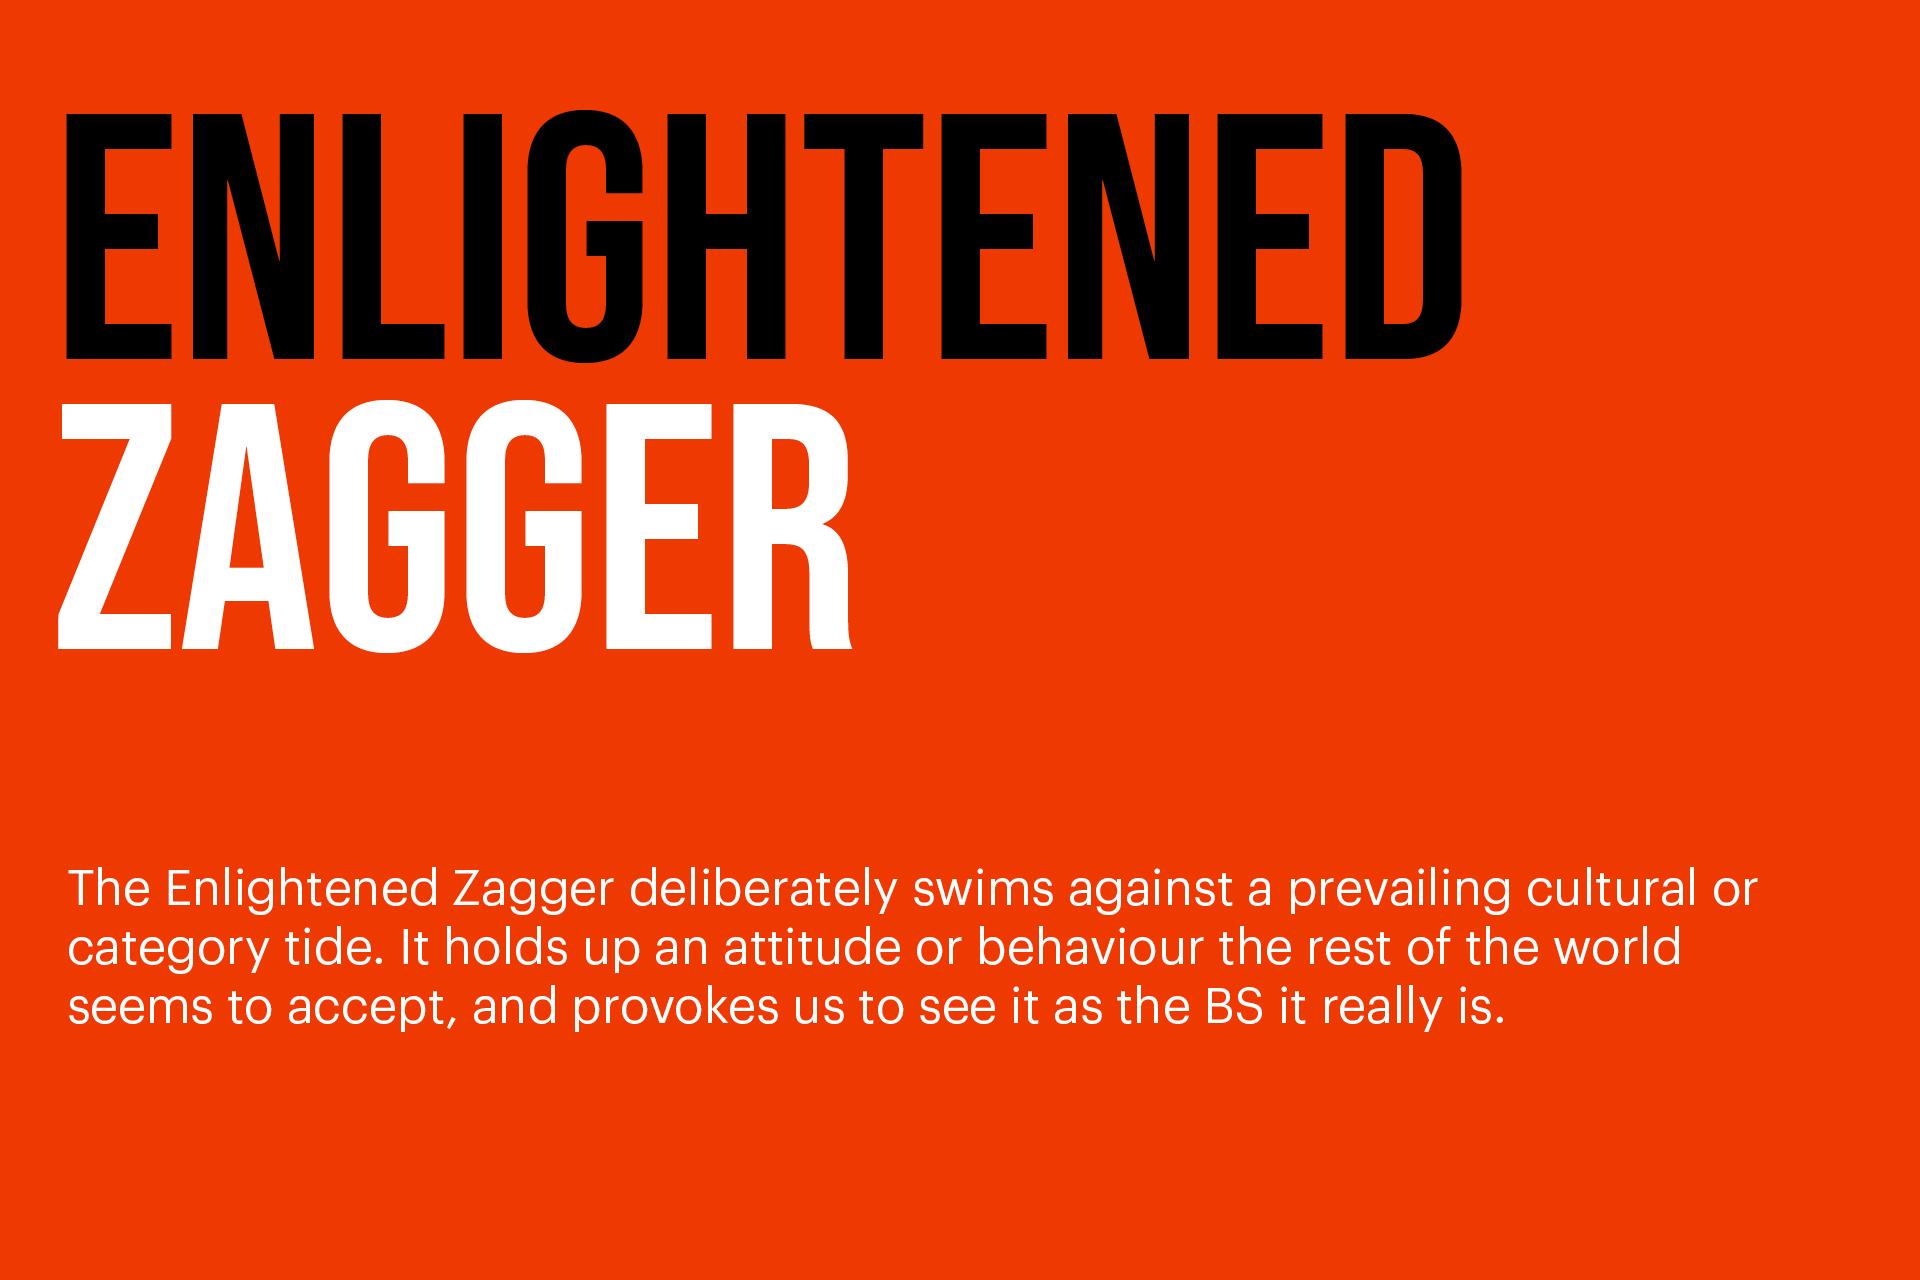 Enlightened Zagger.png